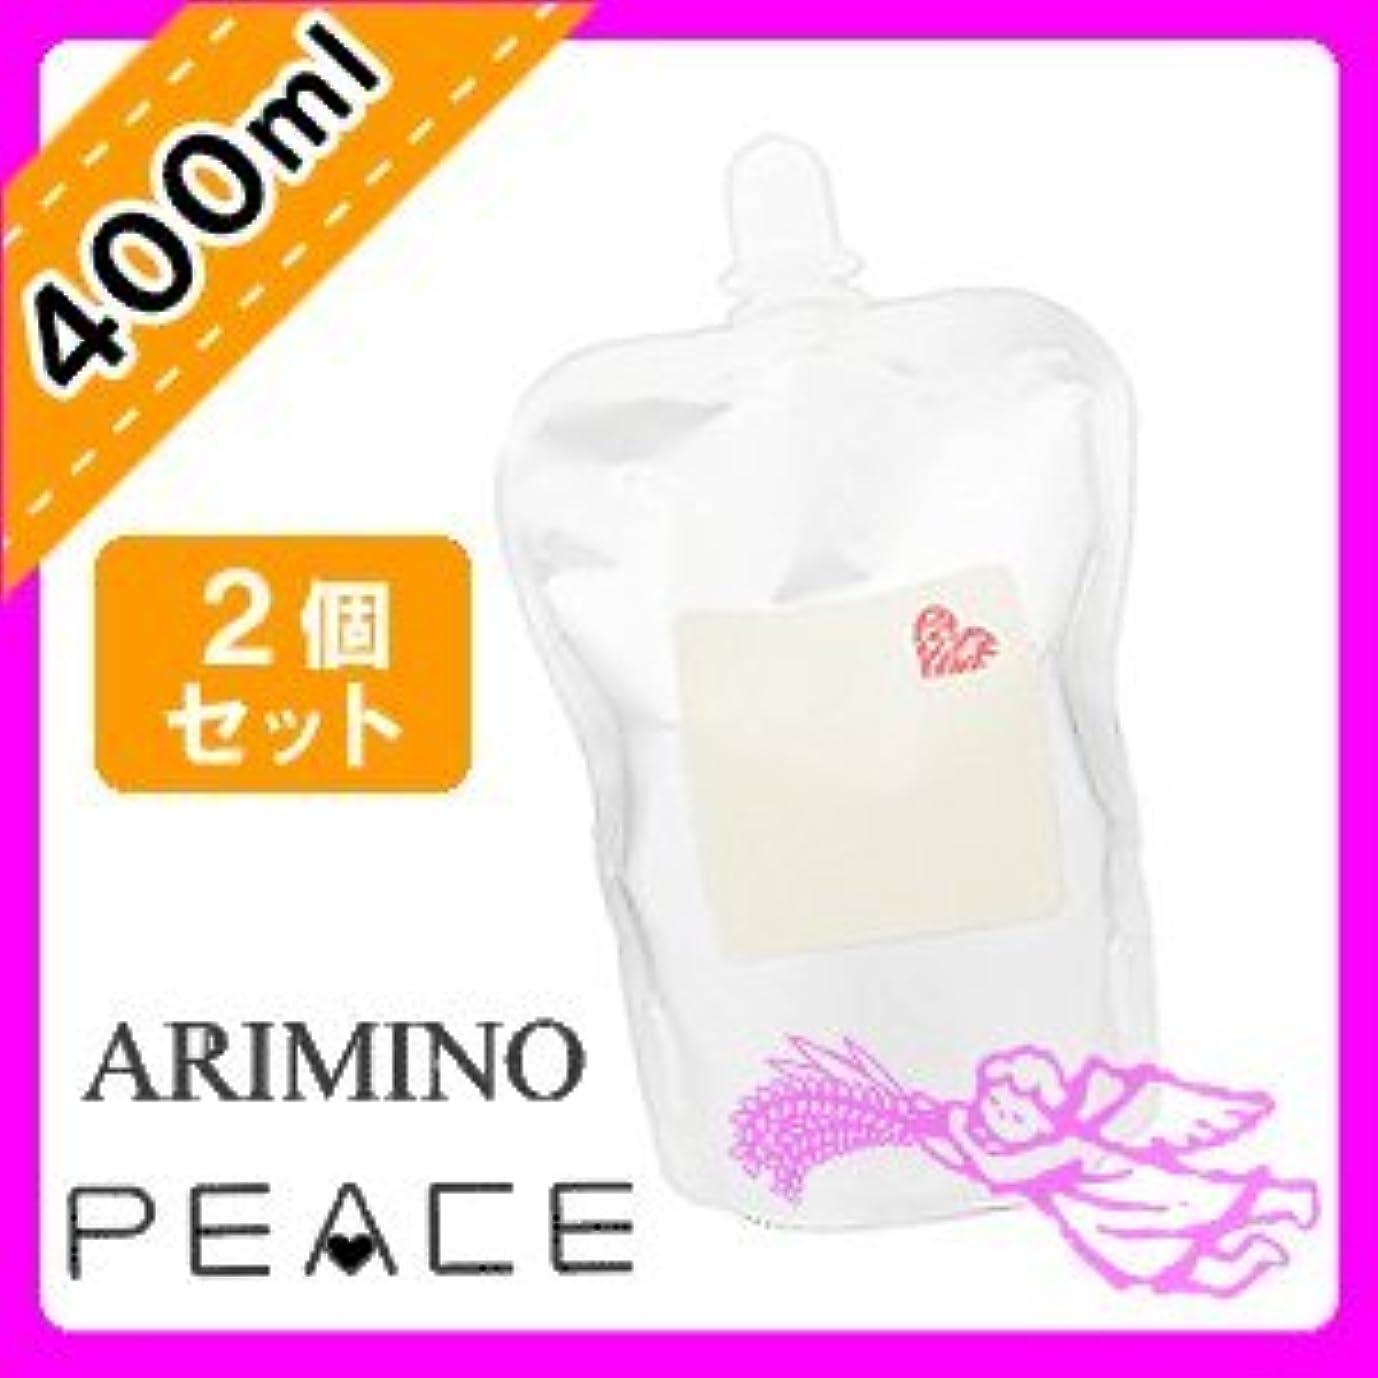 成熟した説明的累積アリミノ ピース ホイップワックス ナチュラルウェーブ ホイップ400mL ×2個 セット詰め替え用 arimino PEACE